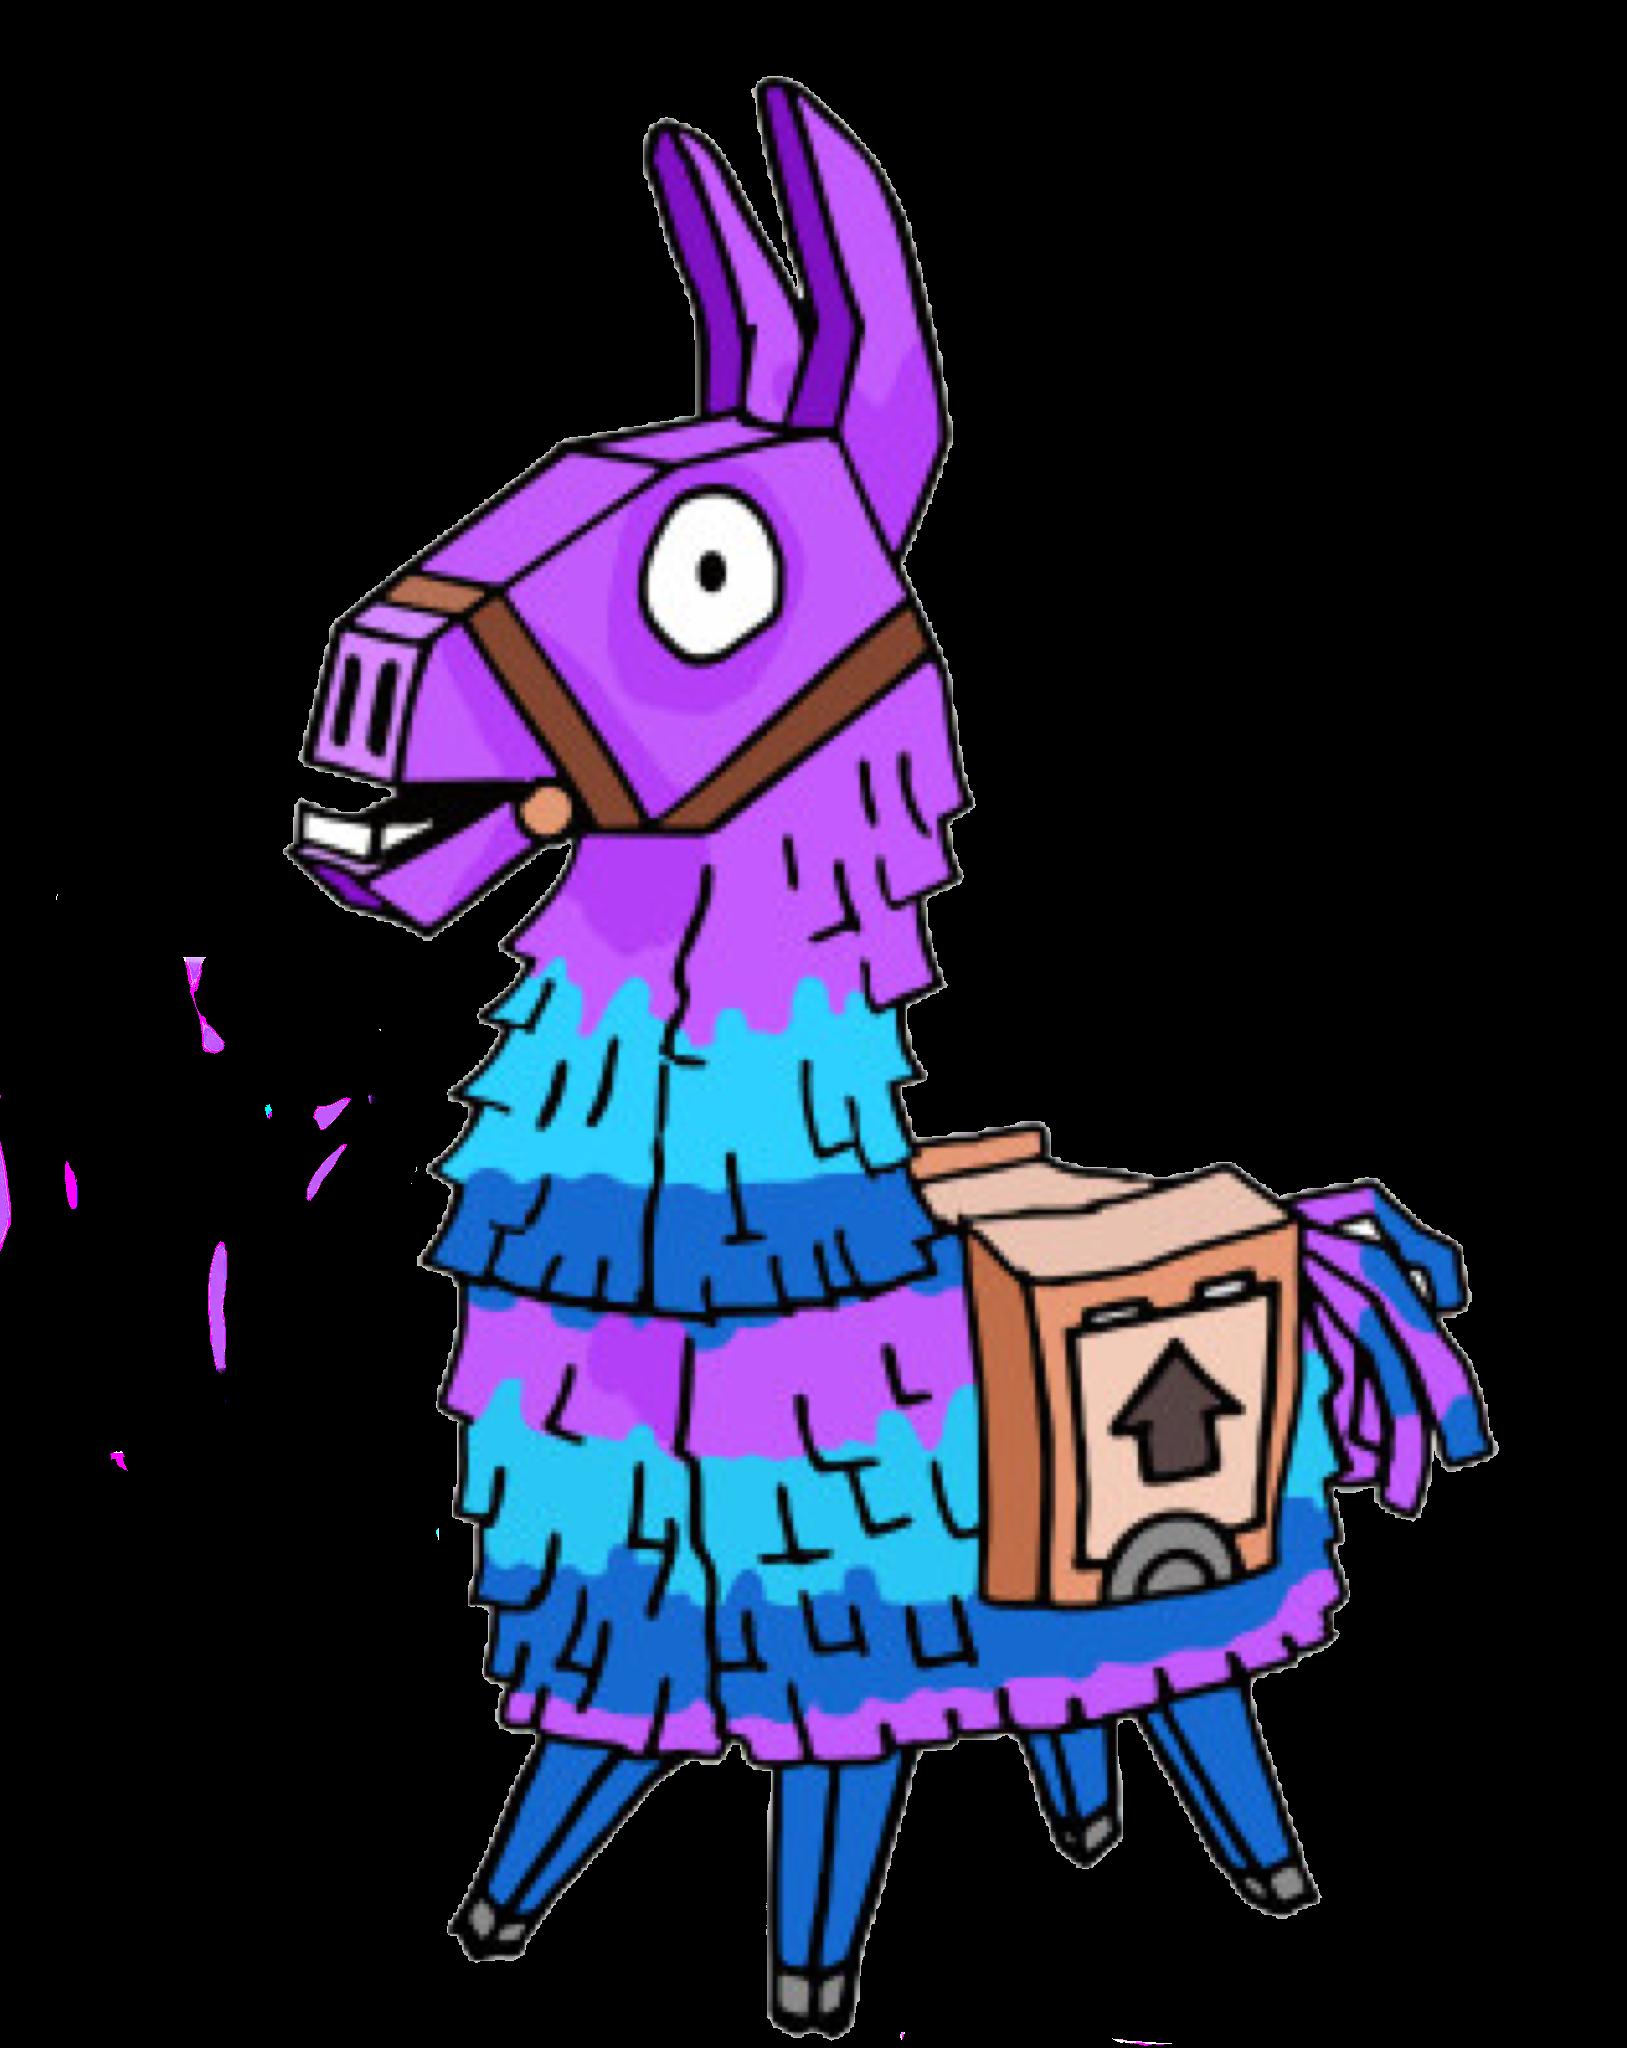 Loot Llama From Fortnite Llama Loot Lootllama Fornit